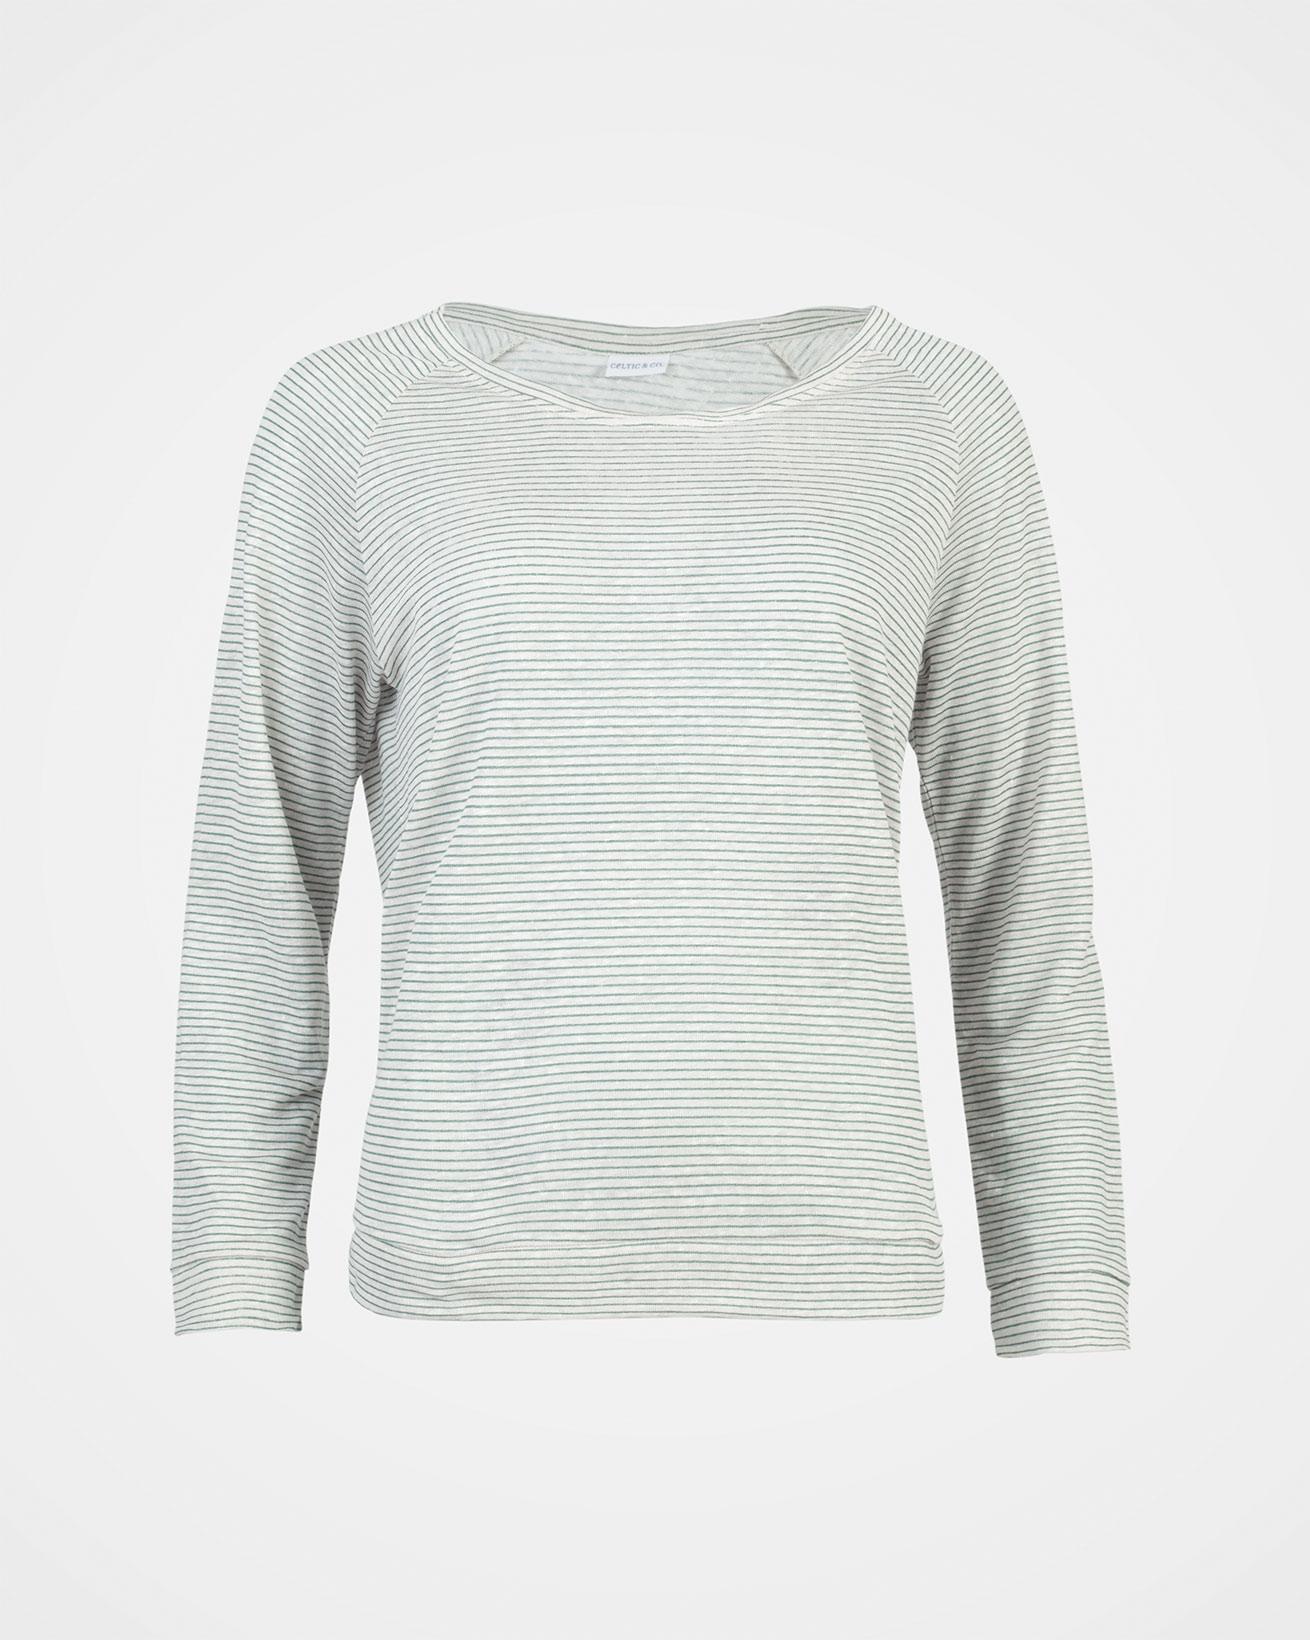 7584_linen-cotton-sweatshirt_ecru-sage-fine-stripe_front.jpg